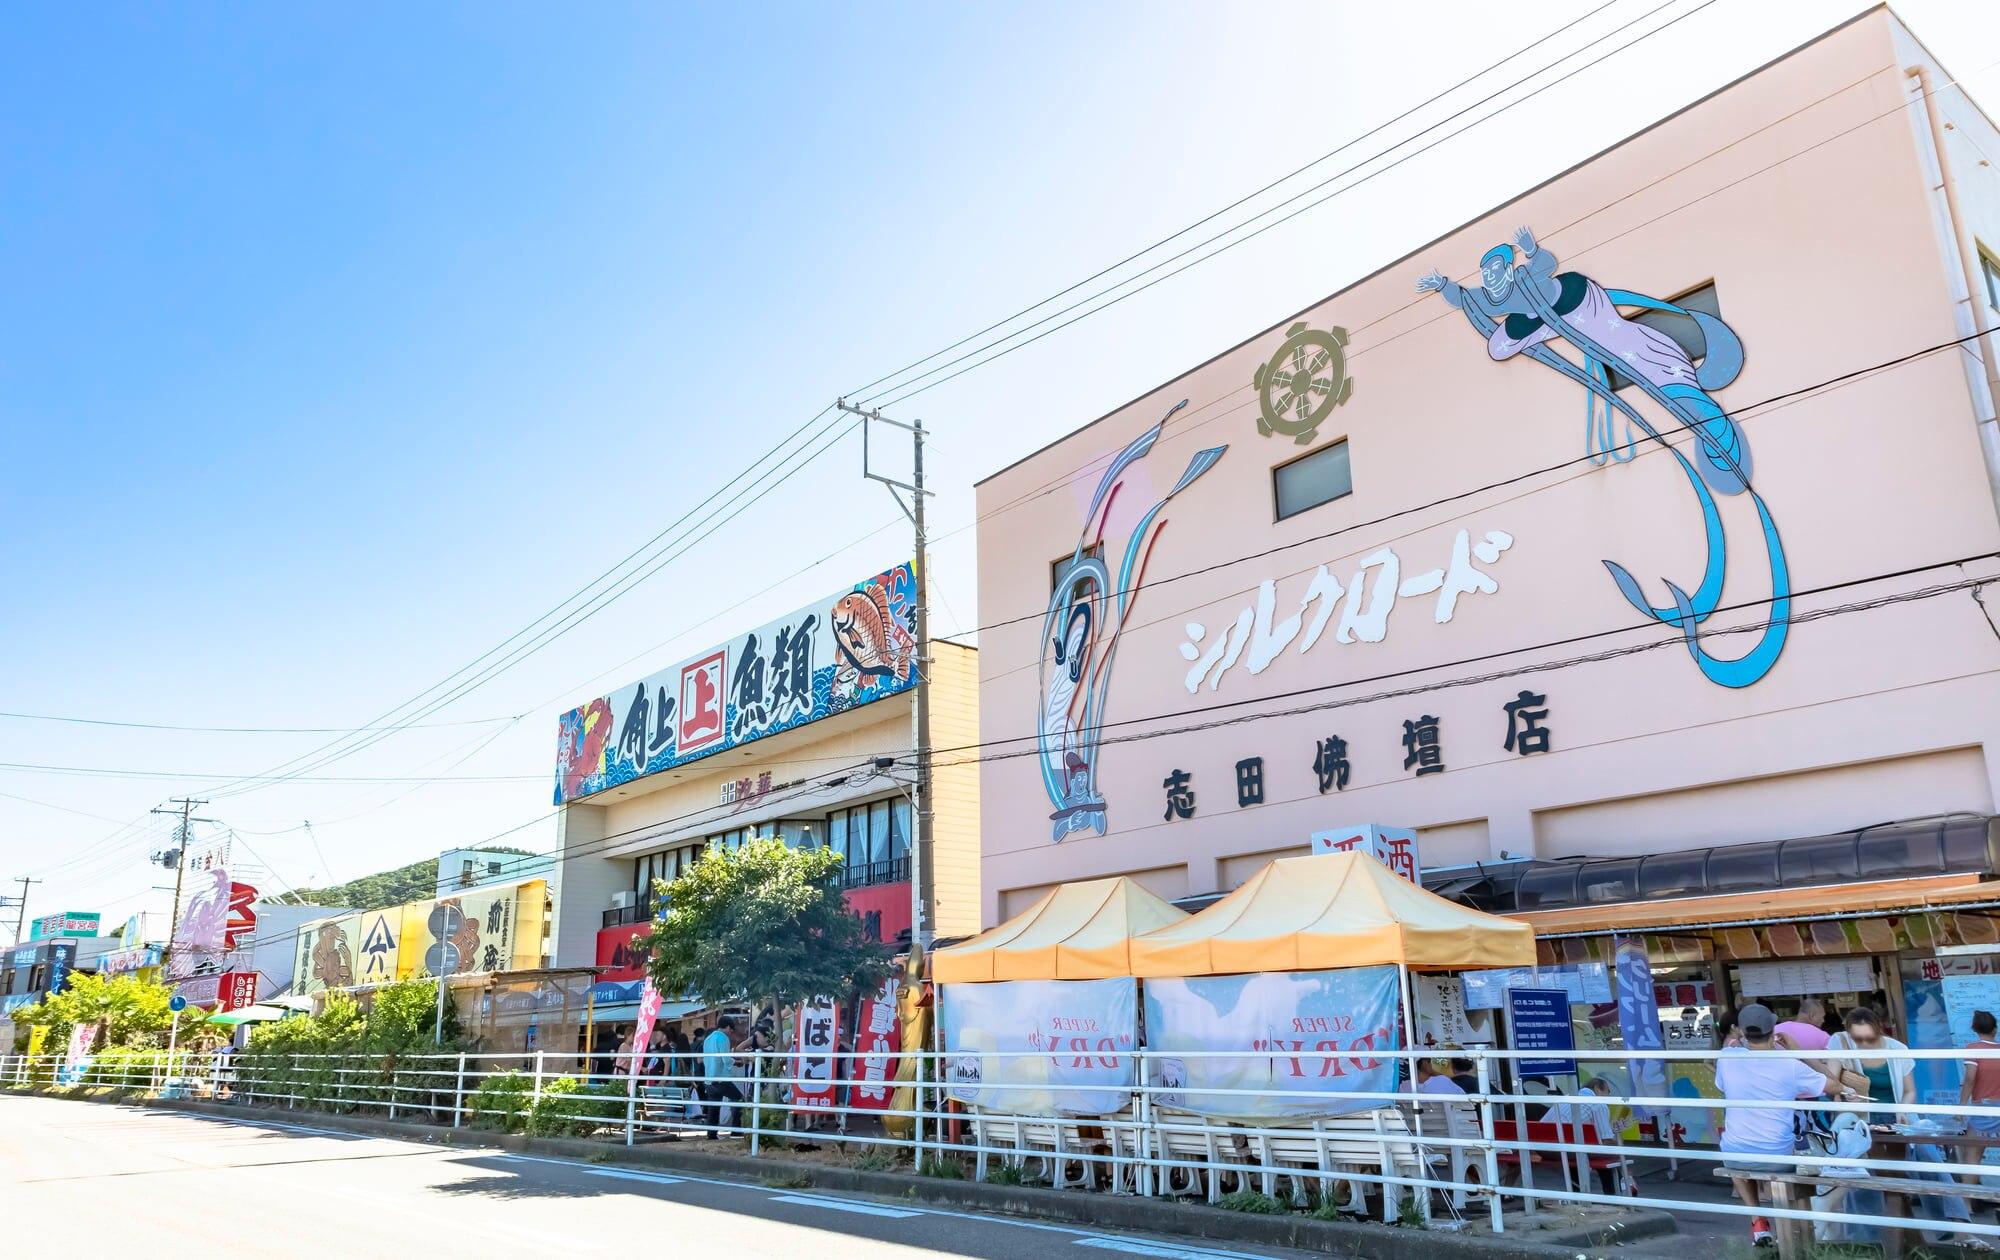 新潟の人気グルメスポット!寺泊魚の市場通りで海の幸を堪能!